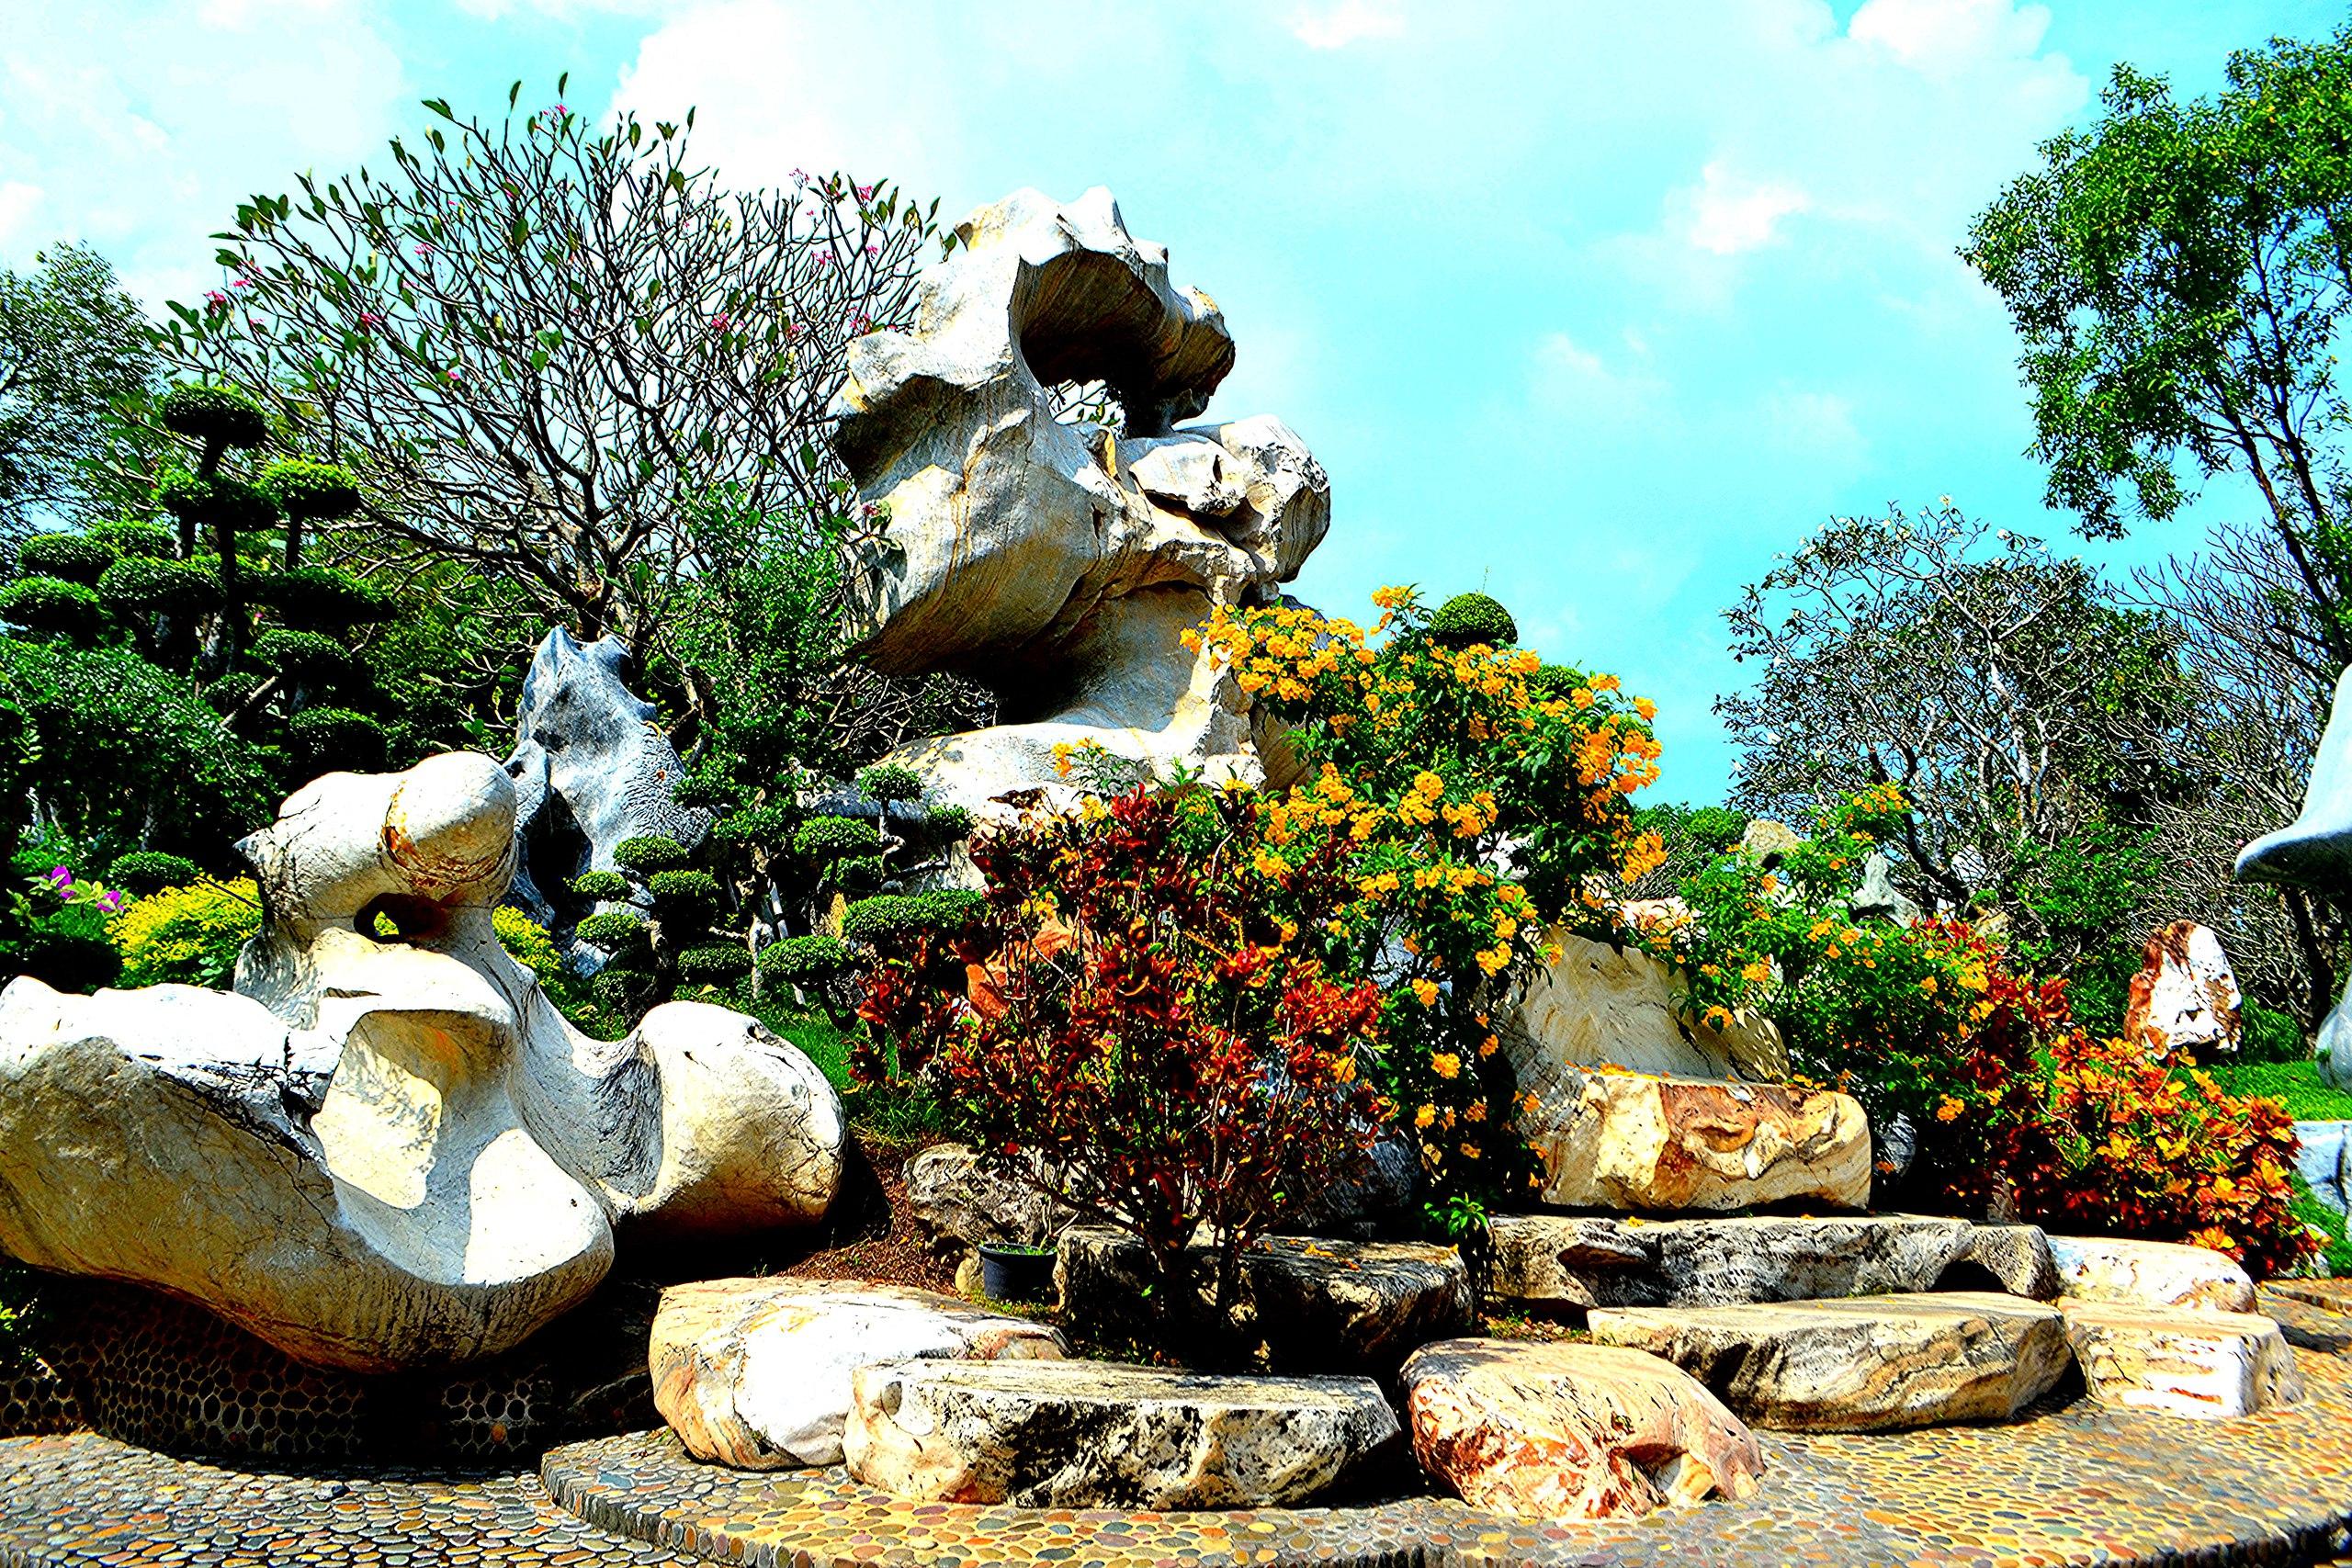 Елена Руденко ( Валтея ). Таиланд. Парк миллионолетних камней и крокодиловая ферма. - Страница 3 Tl1zdXvmfOc